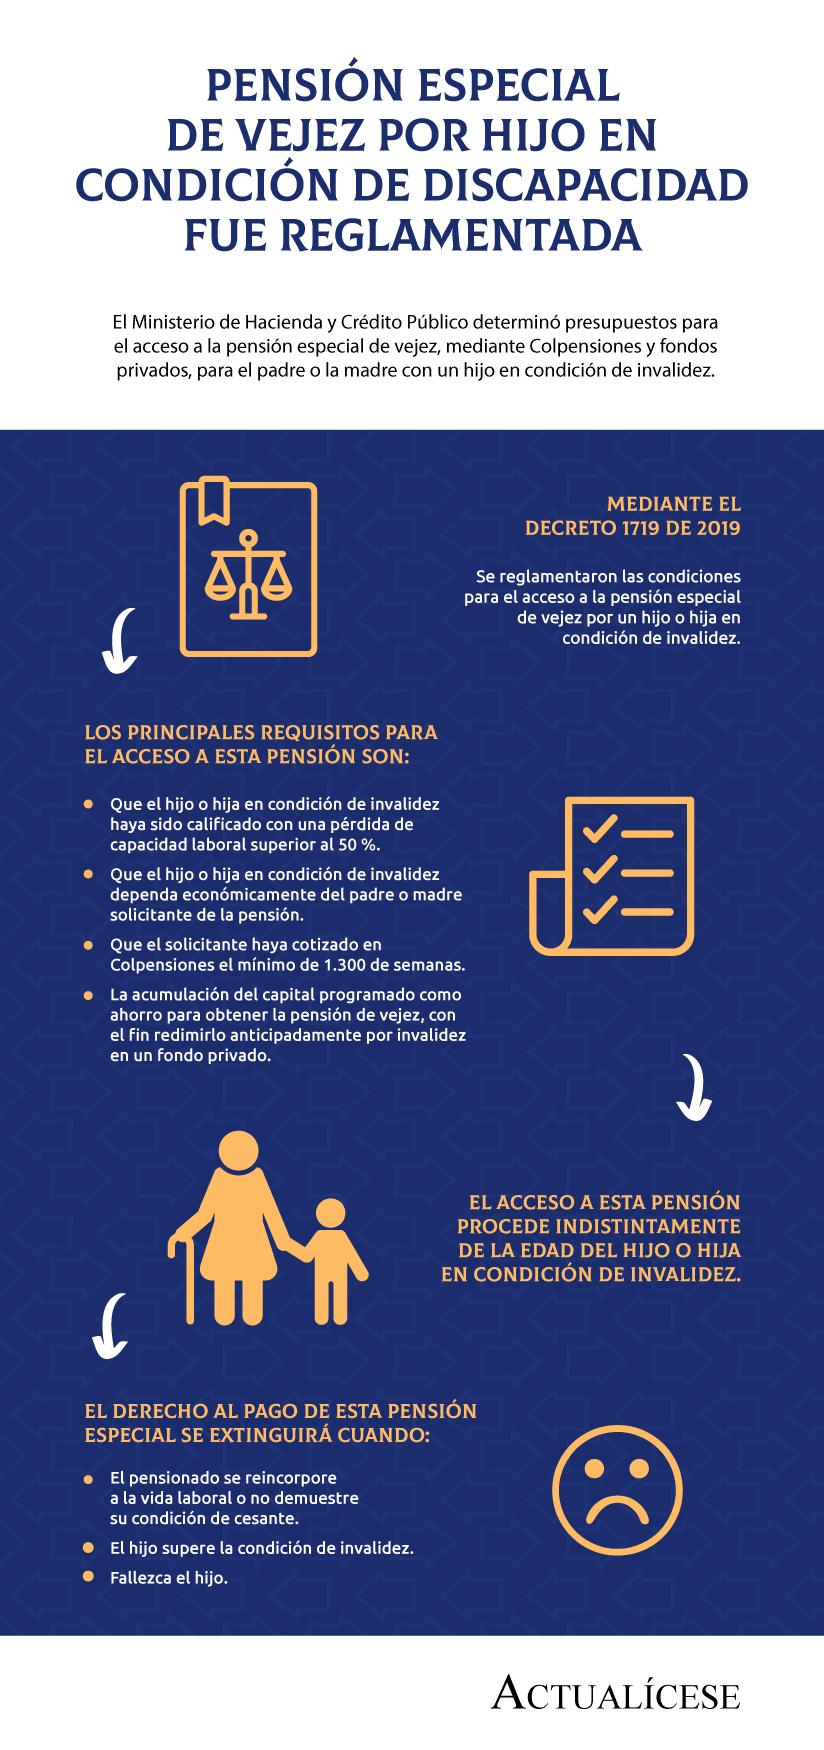 [Infografía] Pensión especial de vejez por hijo en condición de discapacidad fue reglamentada